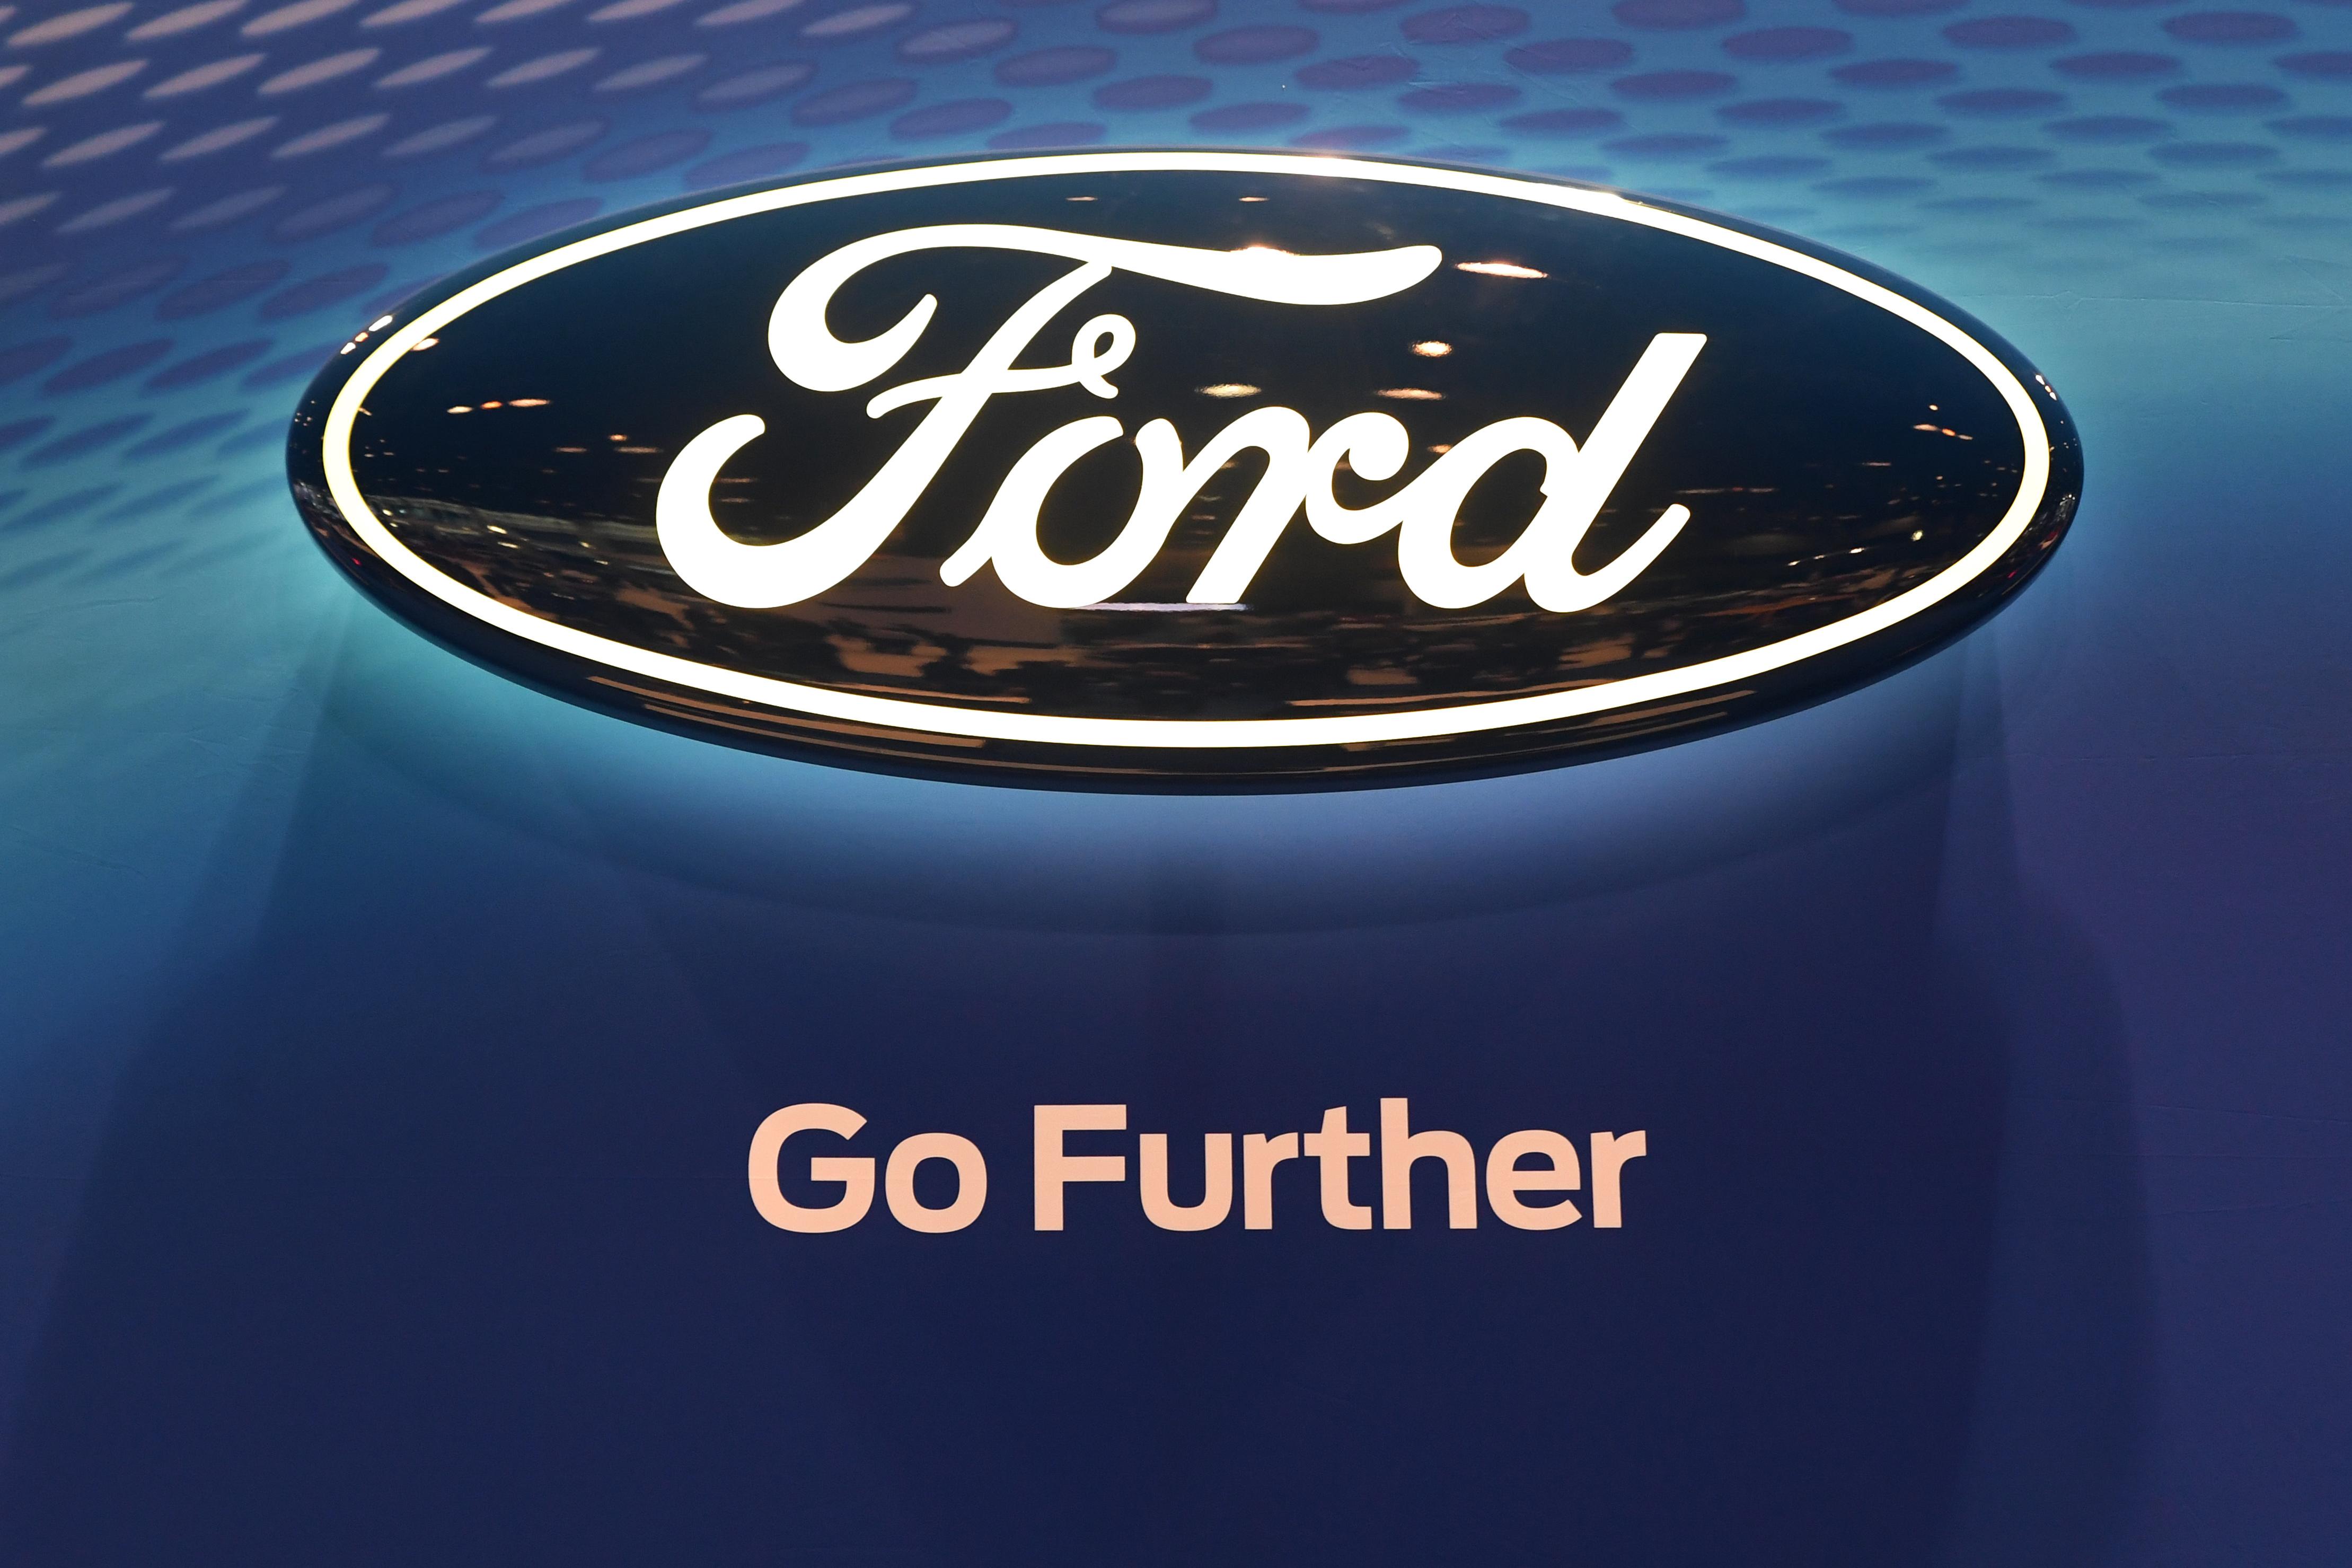 ford logo hybrid police car